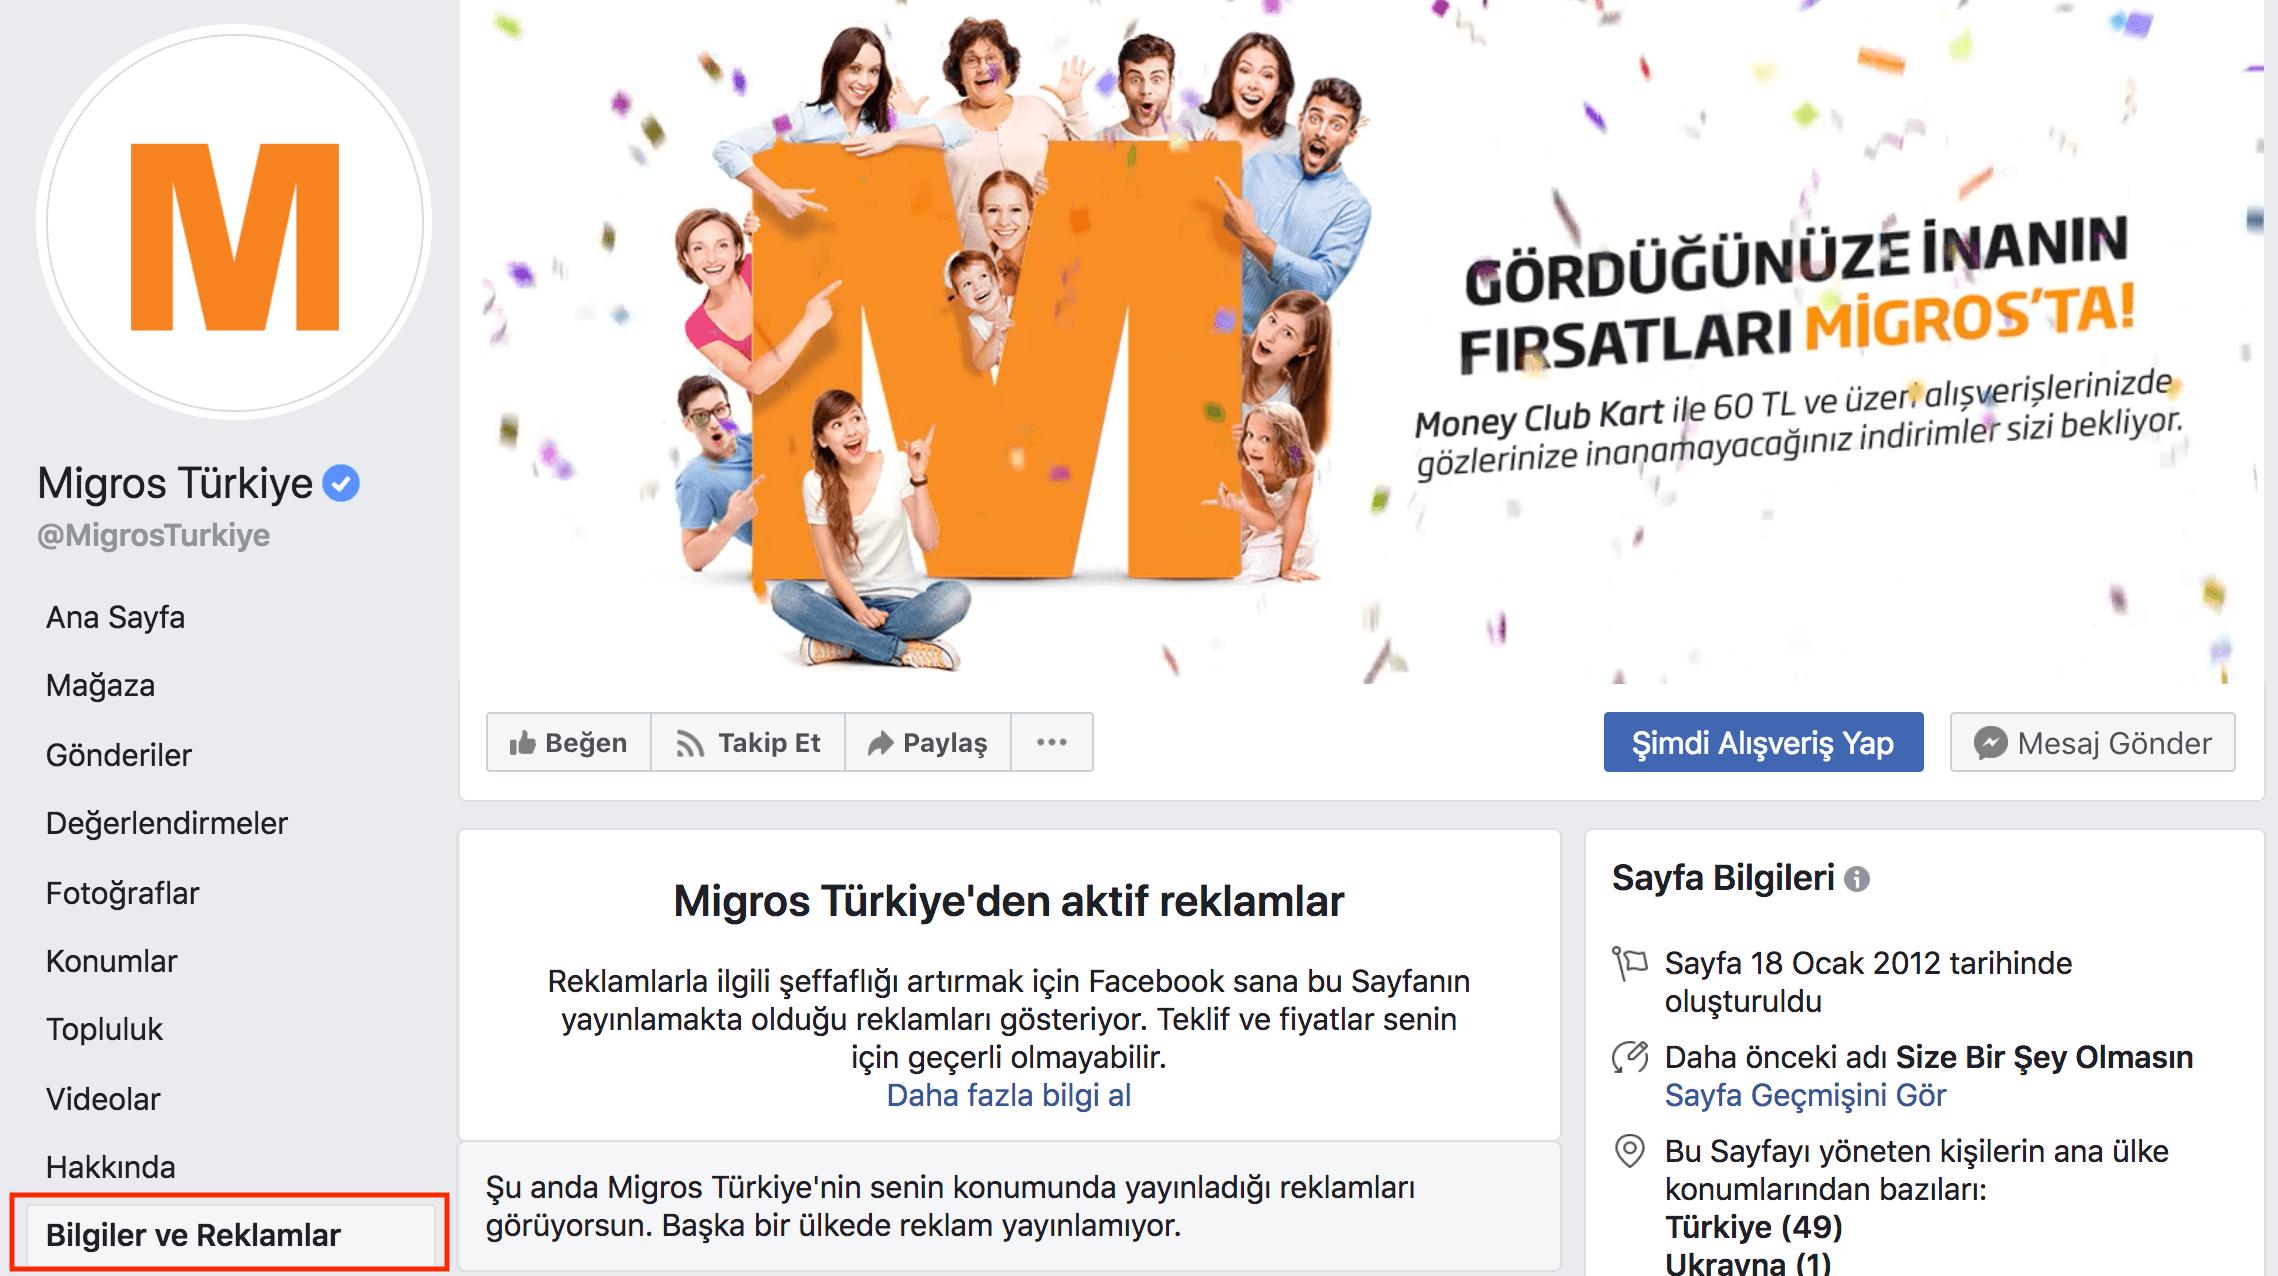 facebook-bilgiler-ve-reklamlar